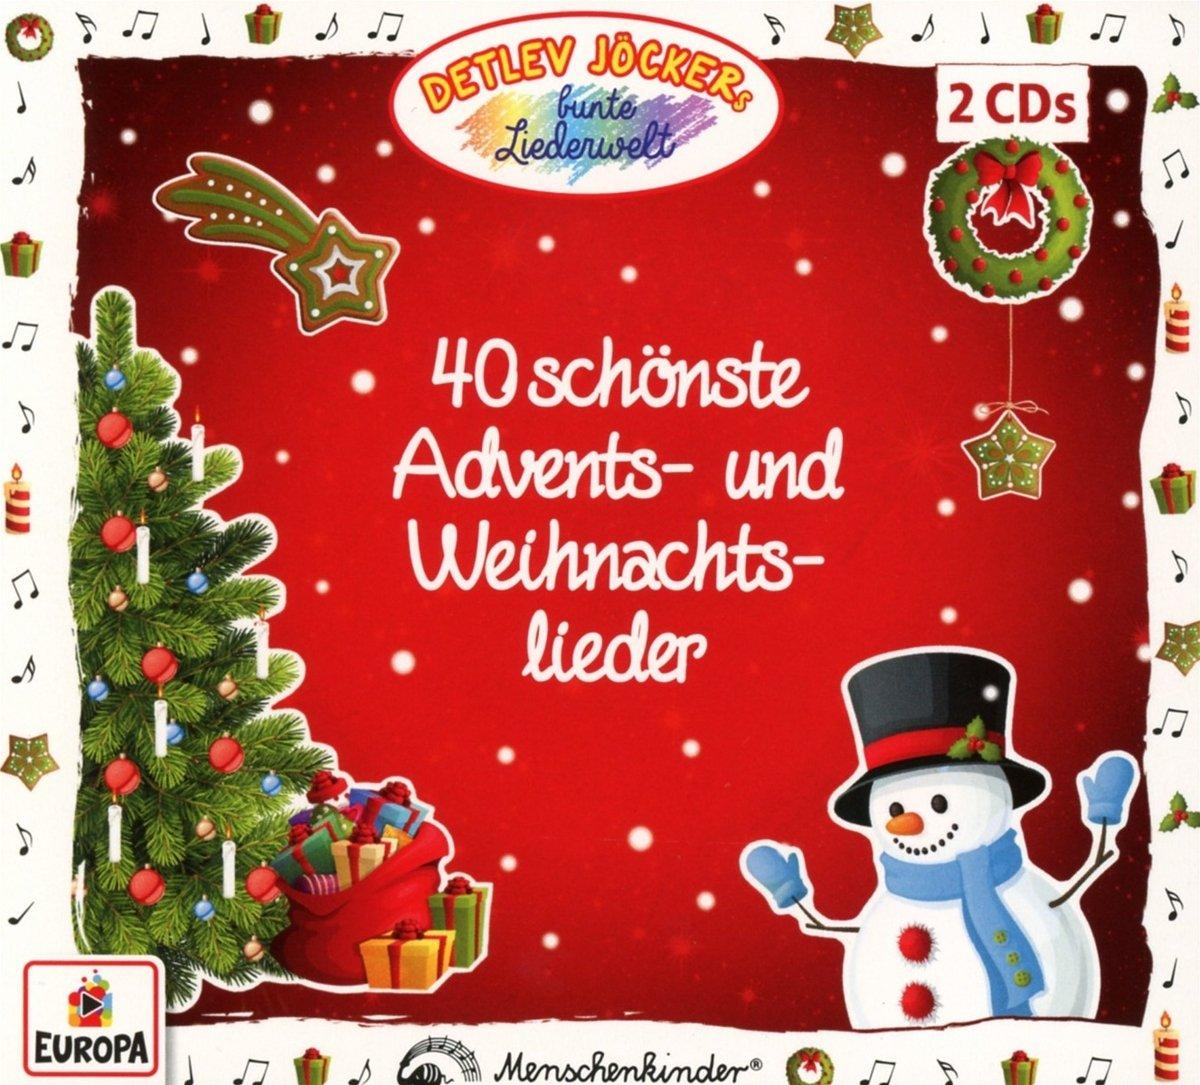 40 Schönste Advents-und Weihnachtslieder - Detlev Jöcker: Amazon.de ...